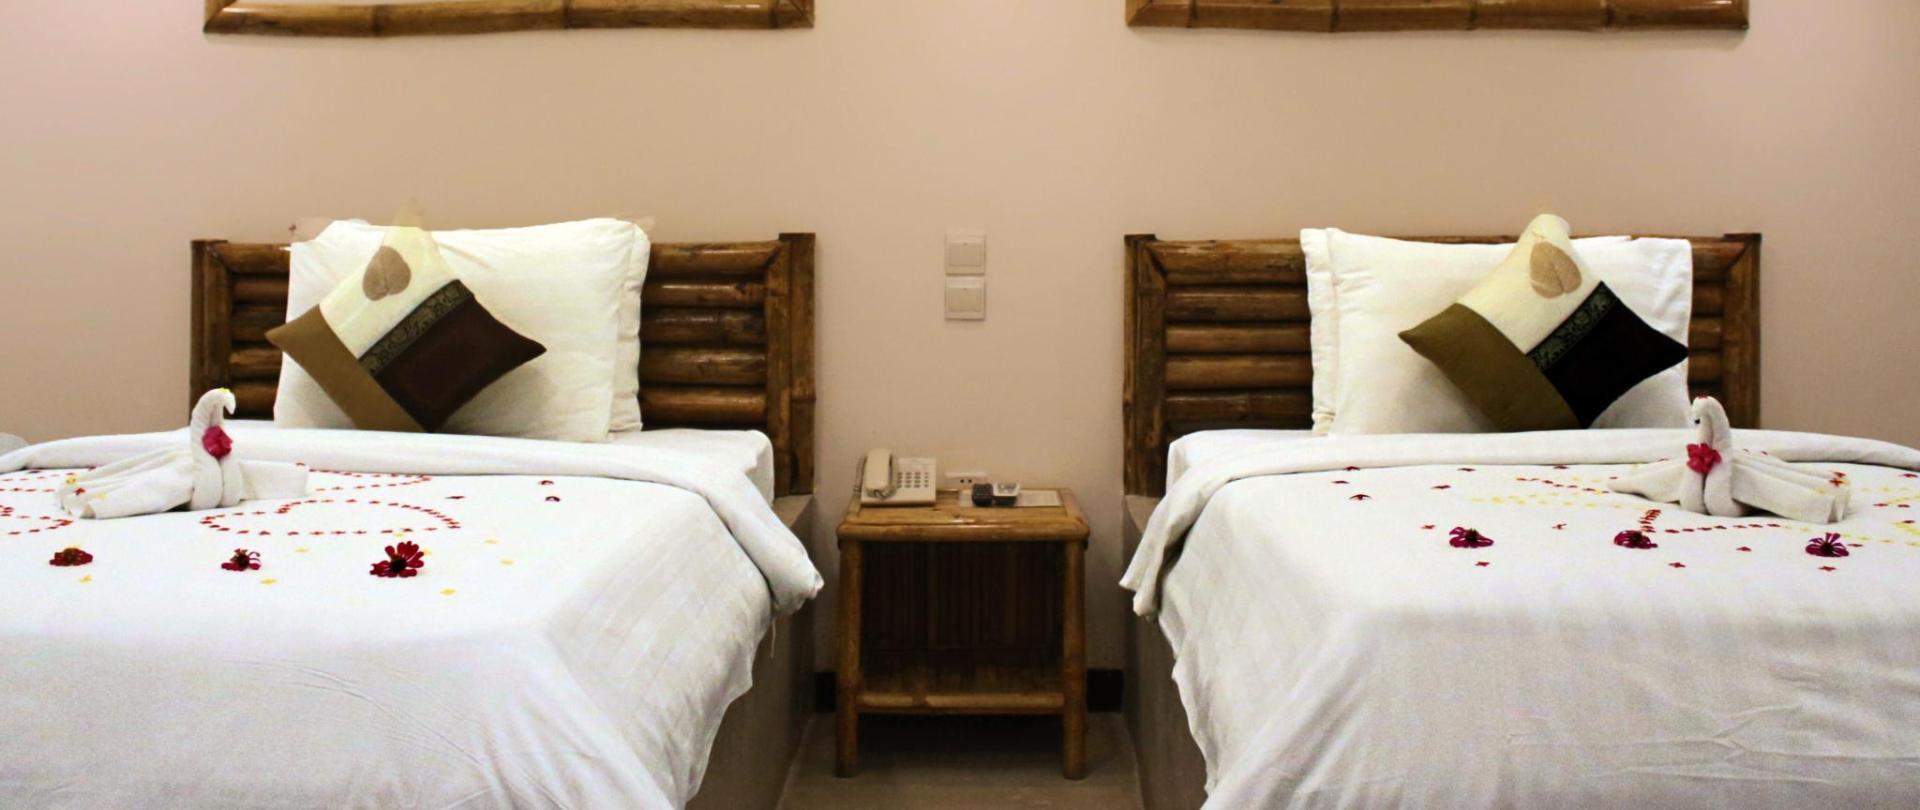 Guest Room (14).jpg